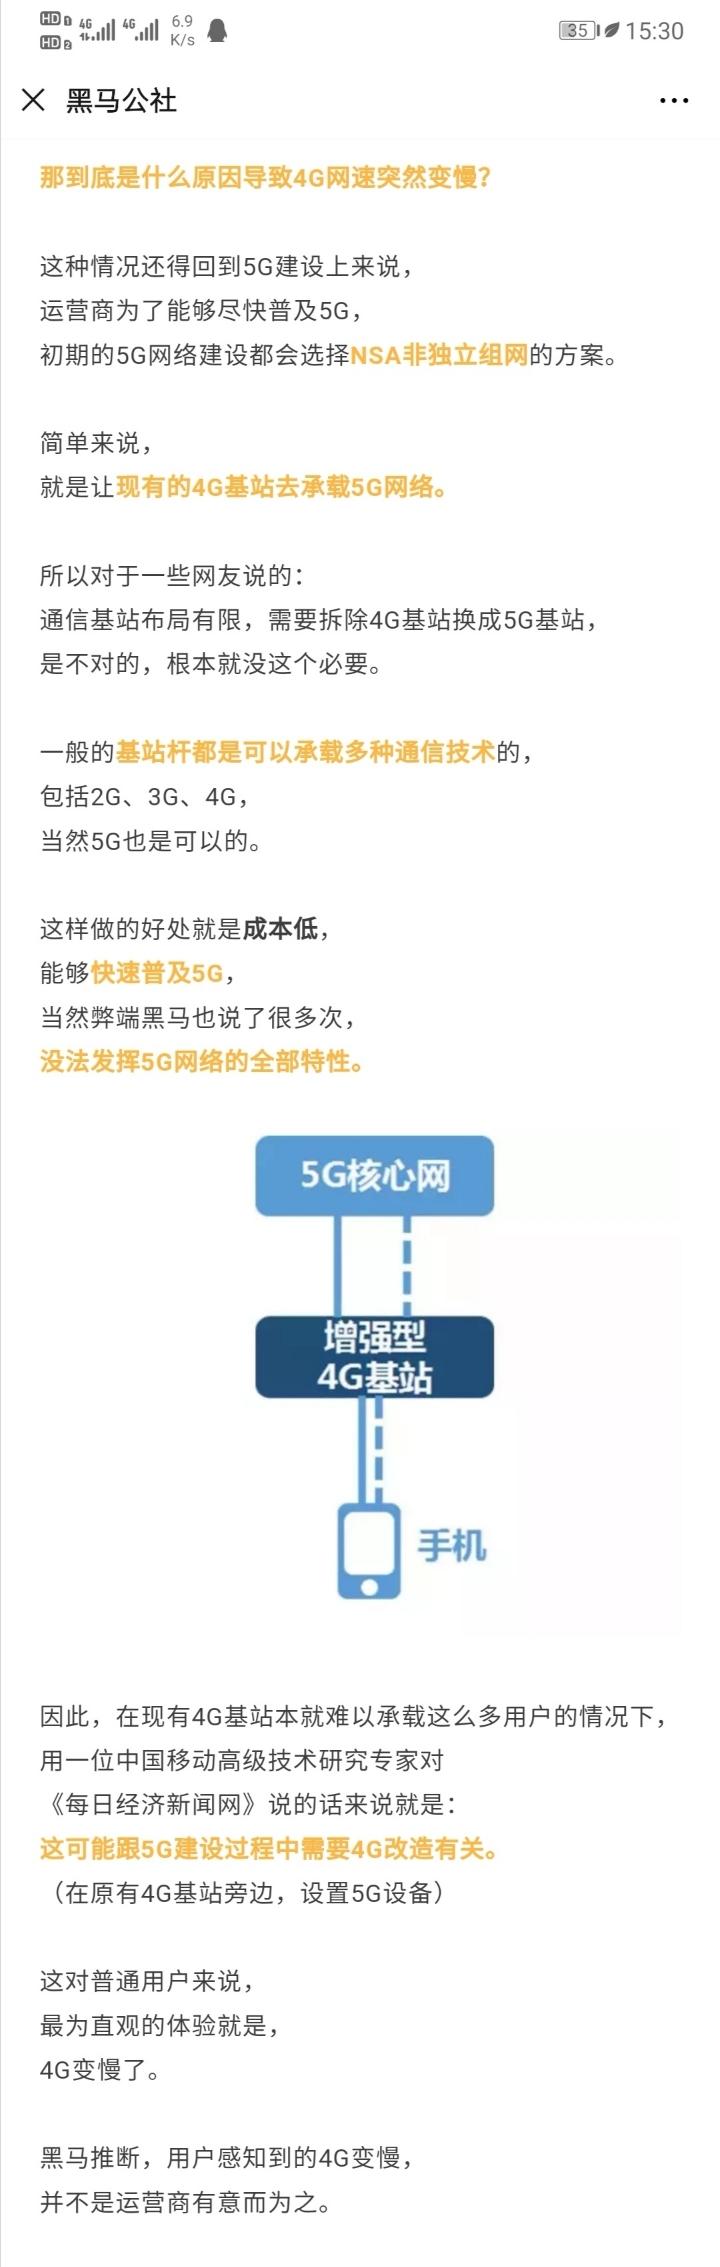 Screenshot_20190825_153024.jpg